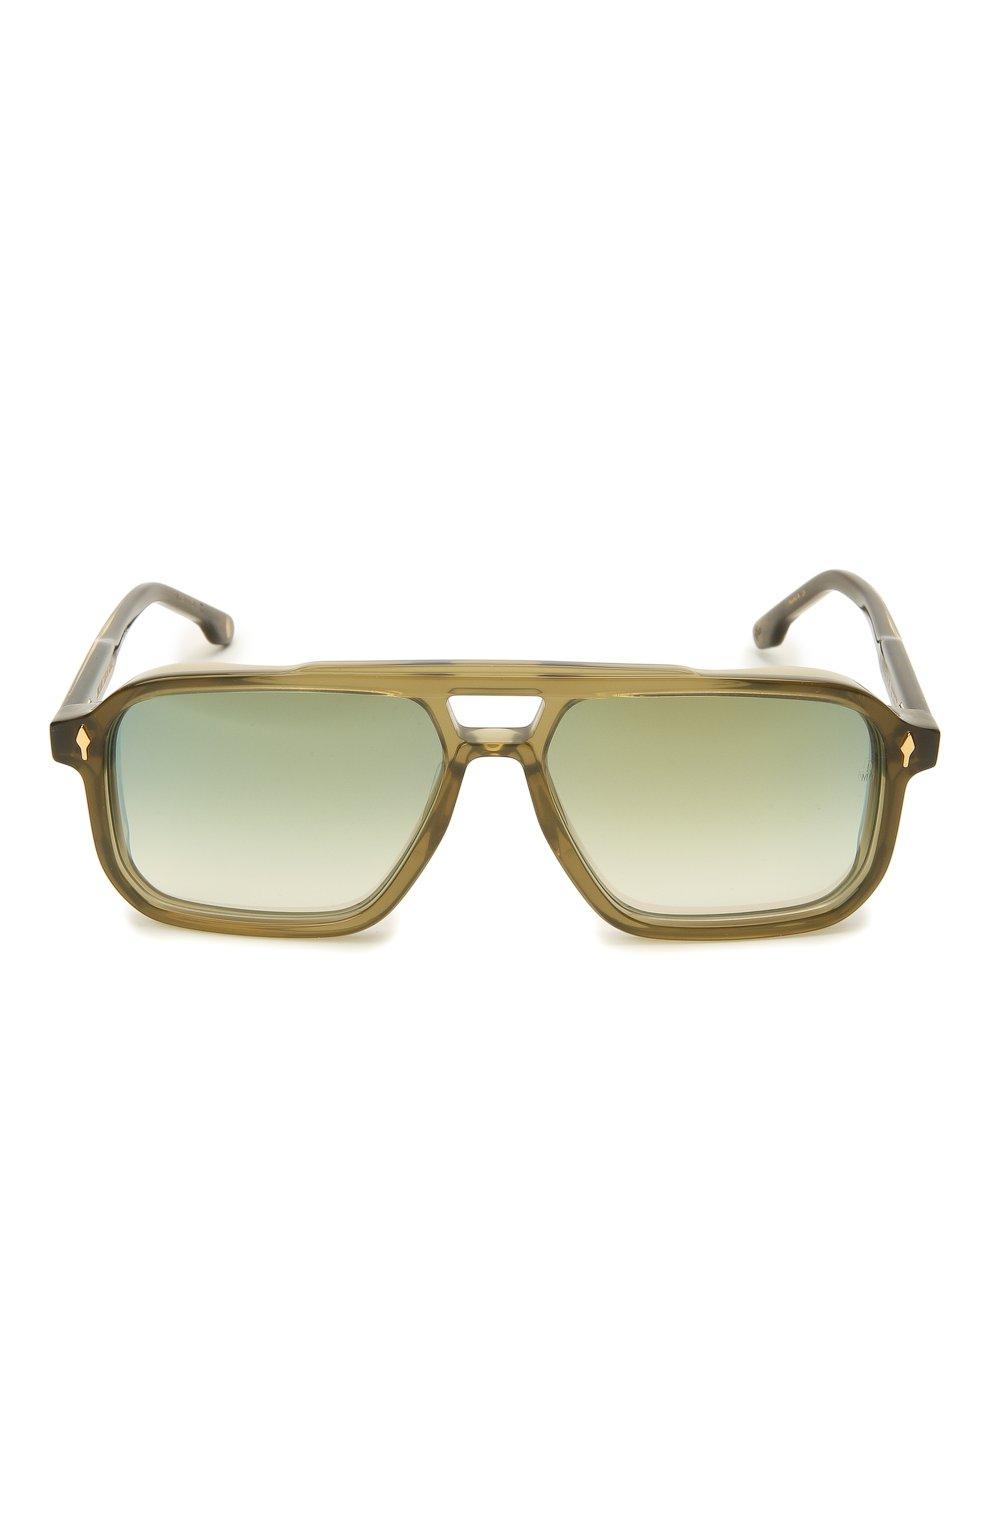 Мужские солнцезащитные очки JACQUES MARIE MAGE хаки цвета, арт. FELS0N JMMFN-3N   Фото 3 (Тип очков: С/з; Очки форма: Прямоугольные; Оптика Гендер: оптика-мужское)